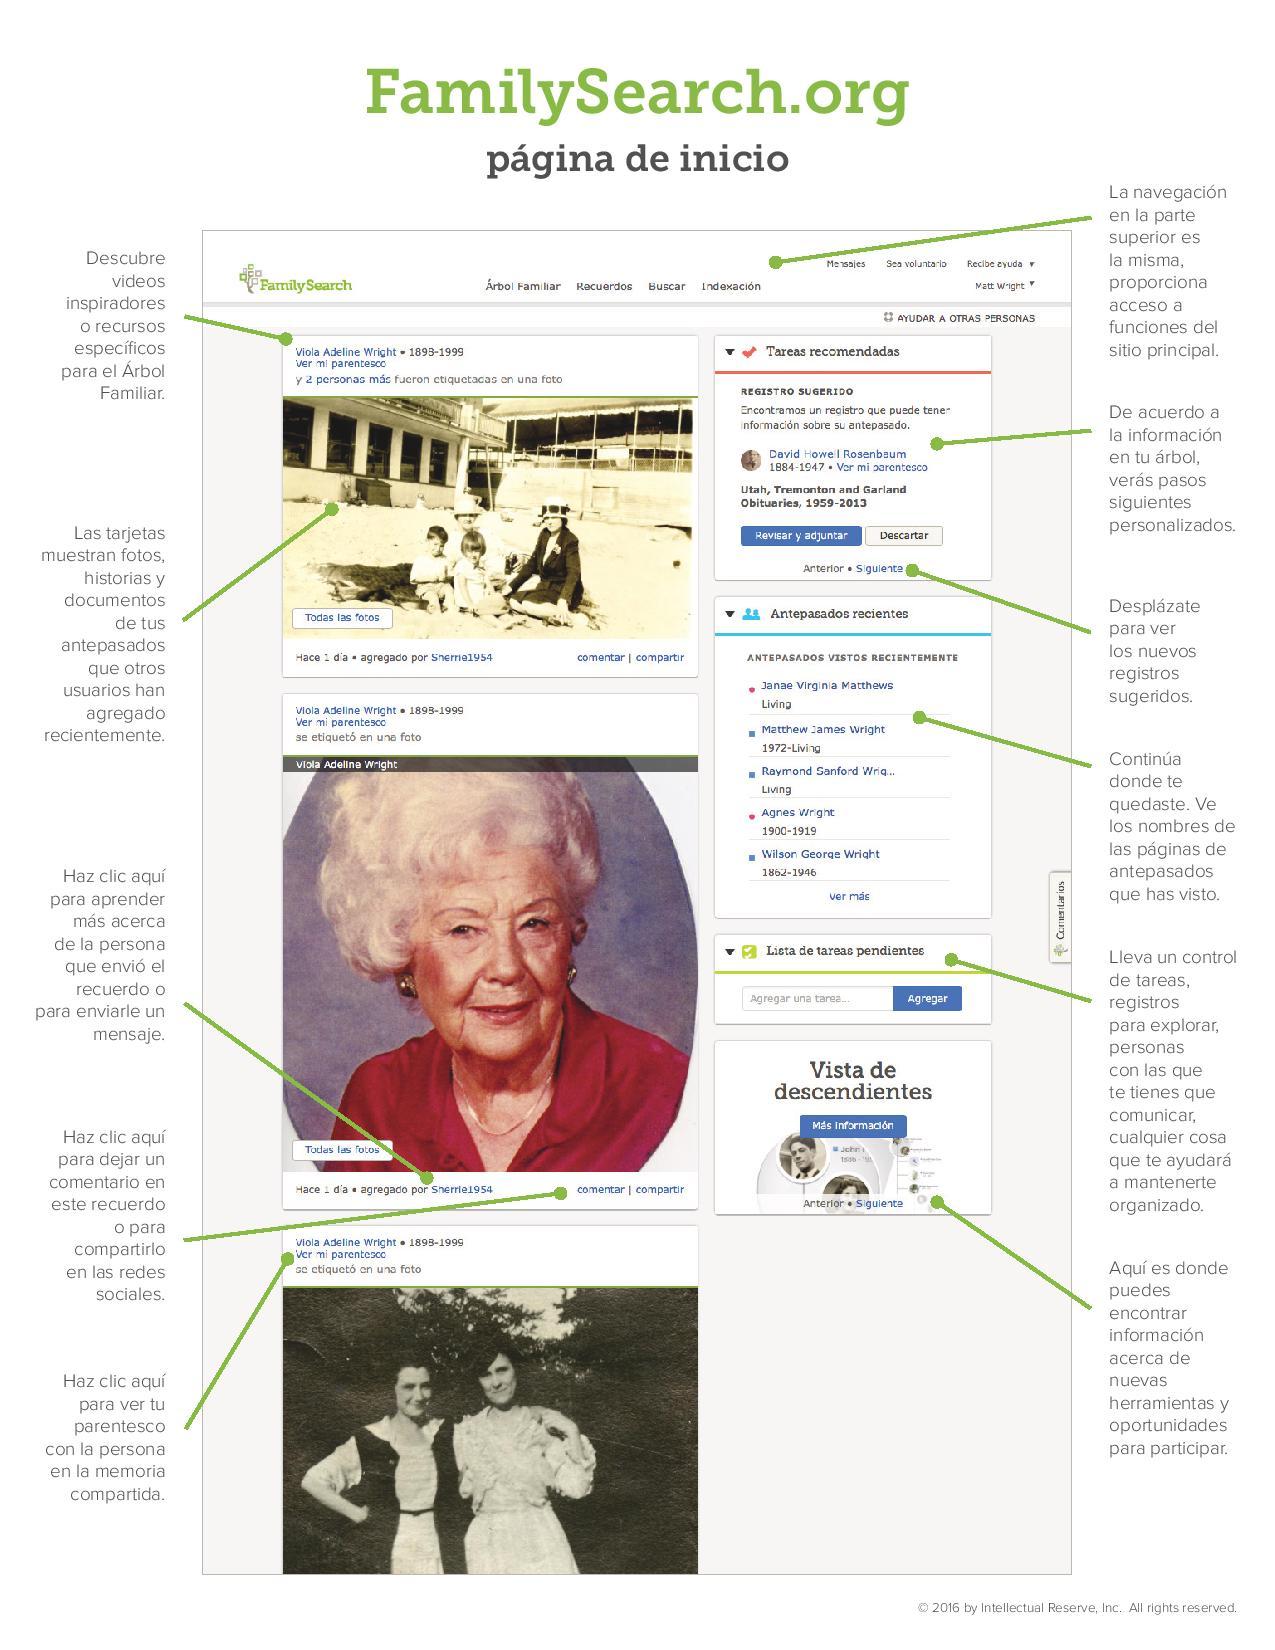 Nuevo diseño de FamilySearch.org: Inicie sesión para probarlo